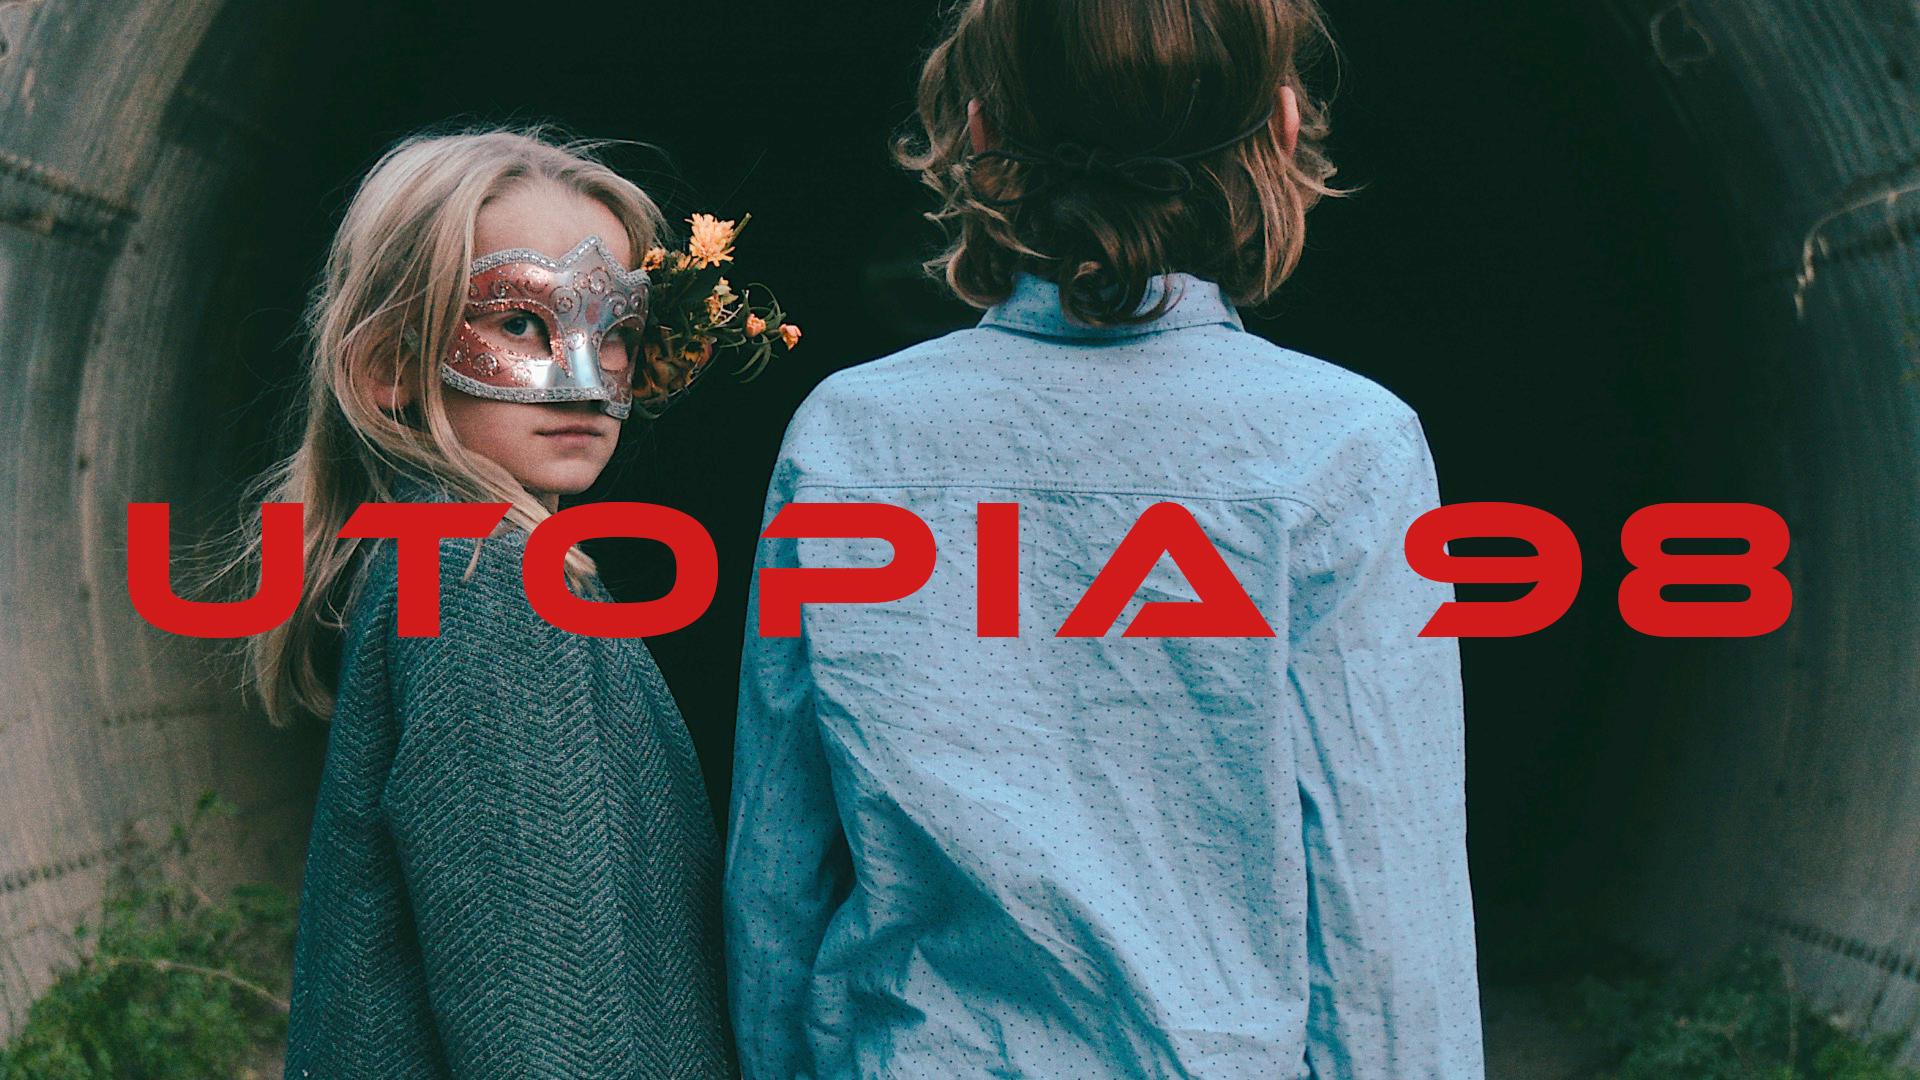 UTOPIA 98 Clip